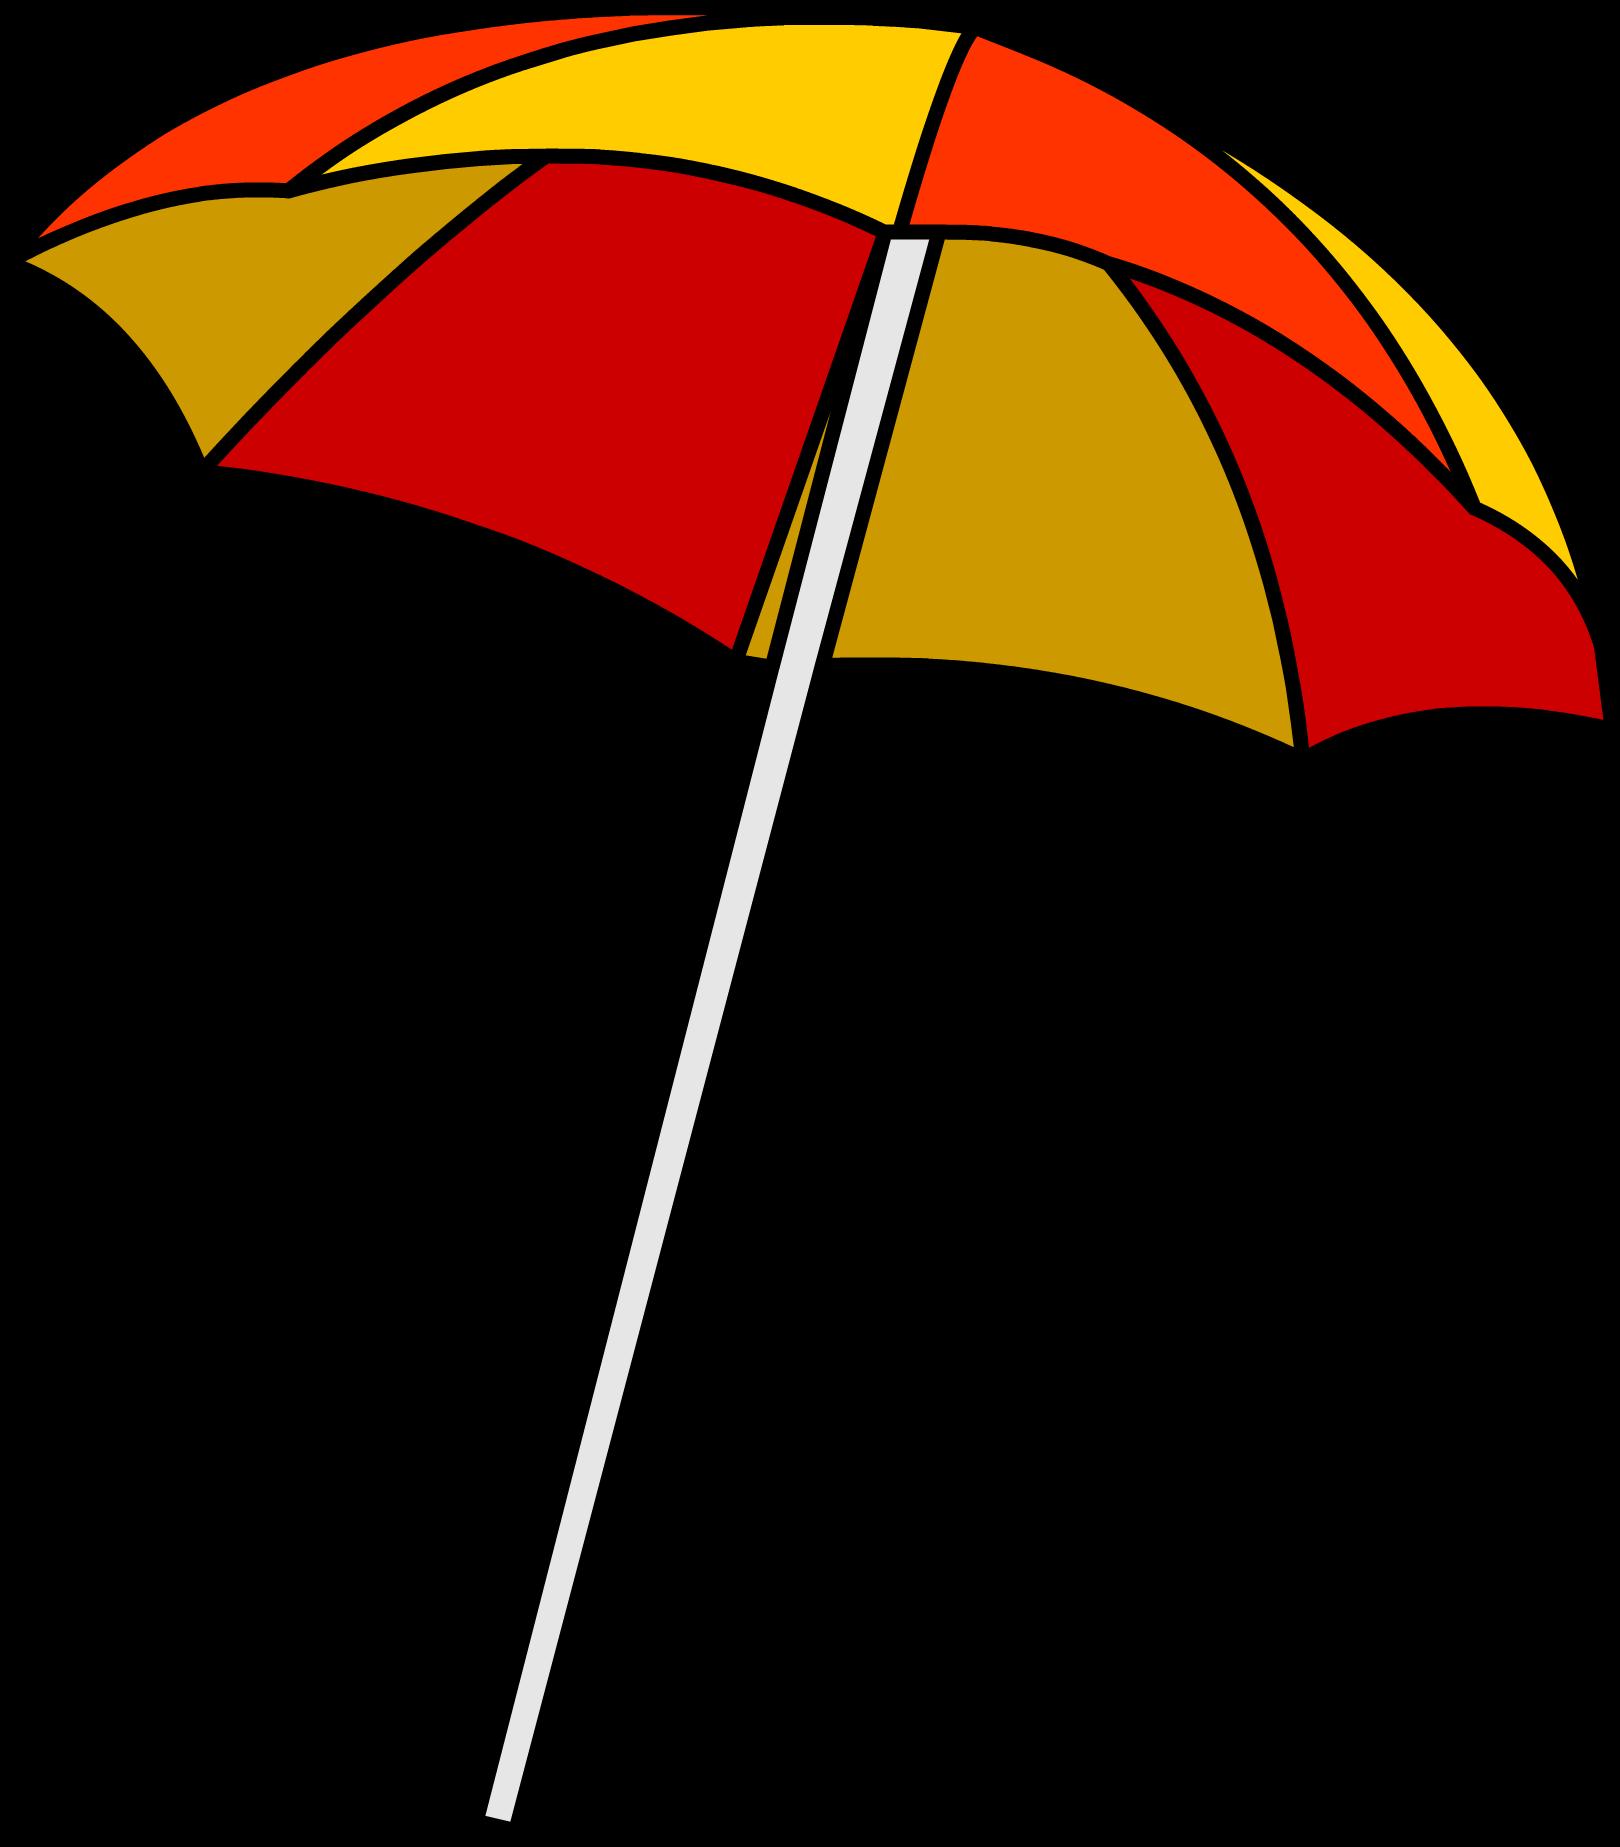 Plik:Umbrella.PNG